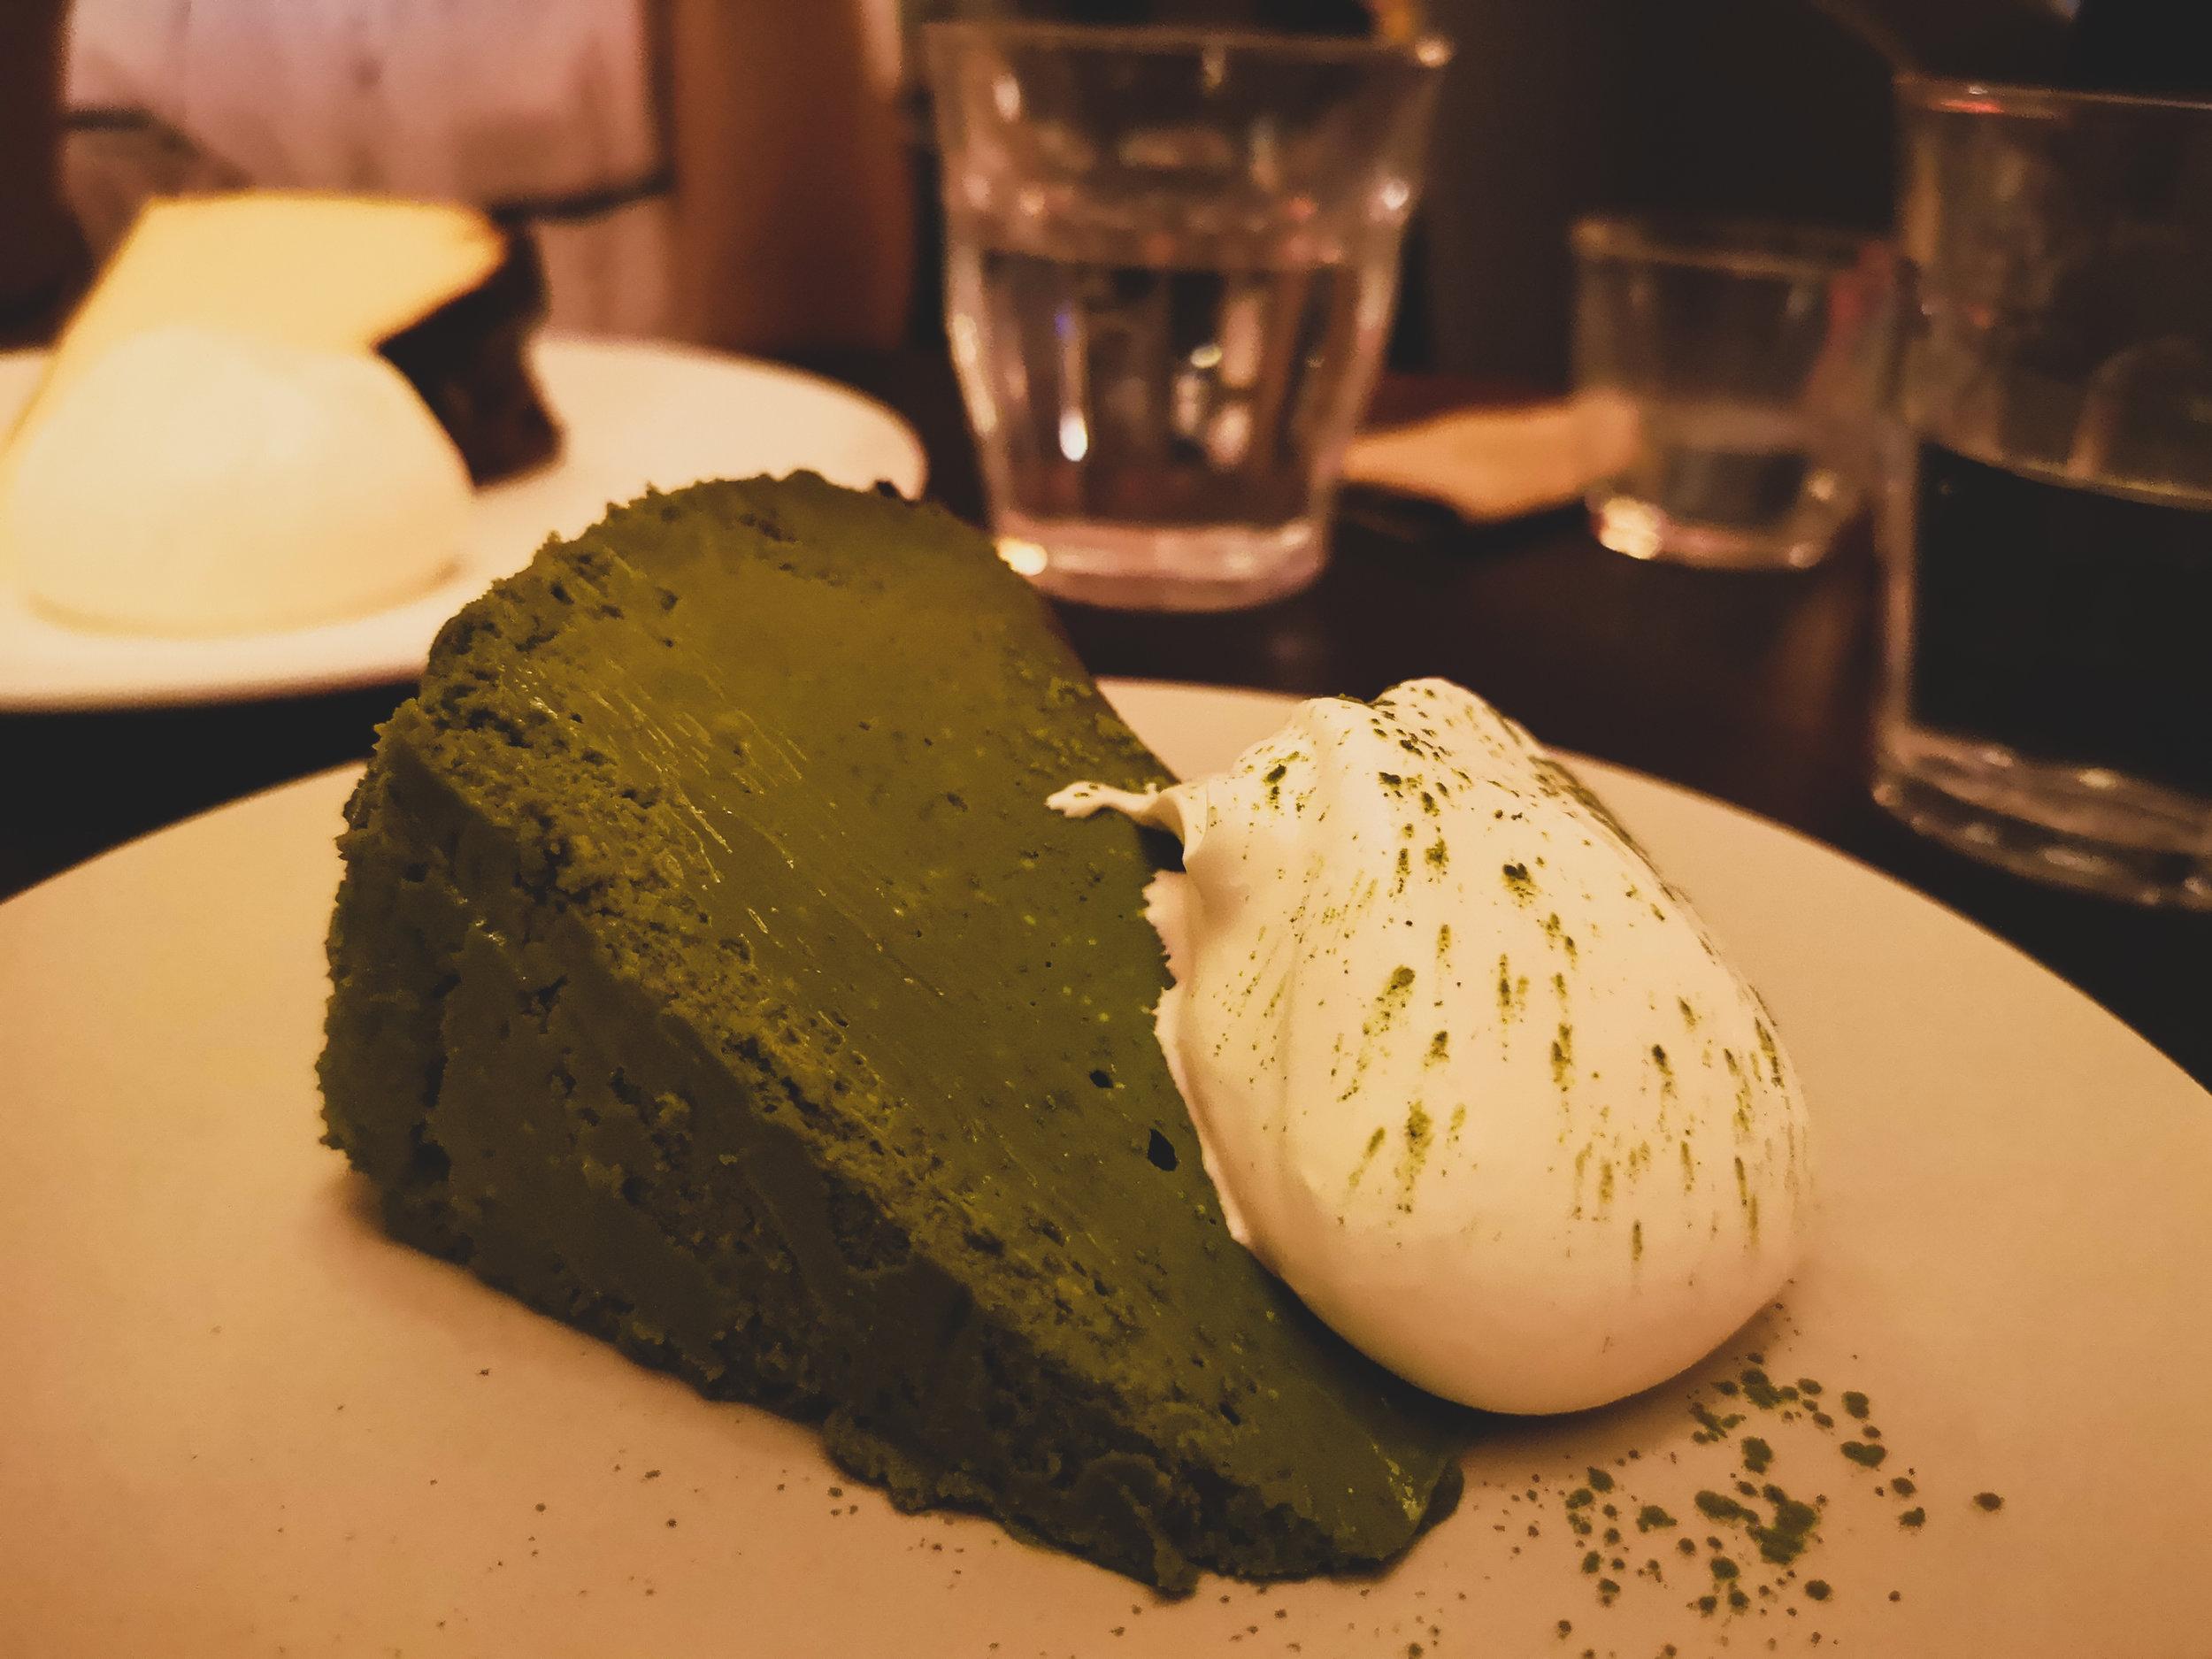 YURI Matcha Cheesecake (RM21)